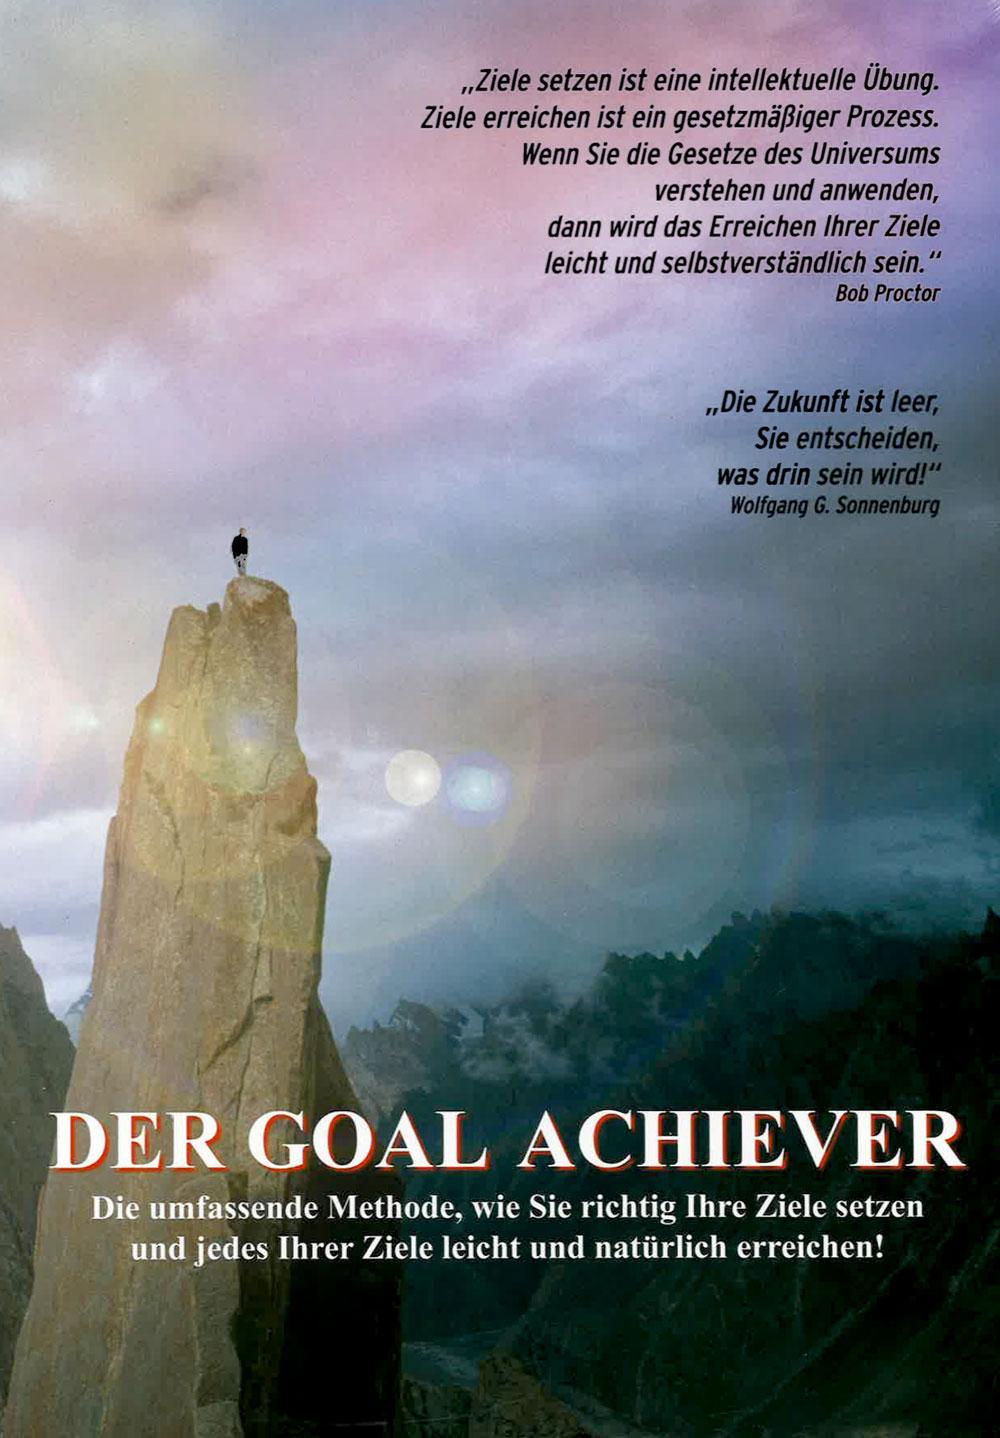 Goal Achiever